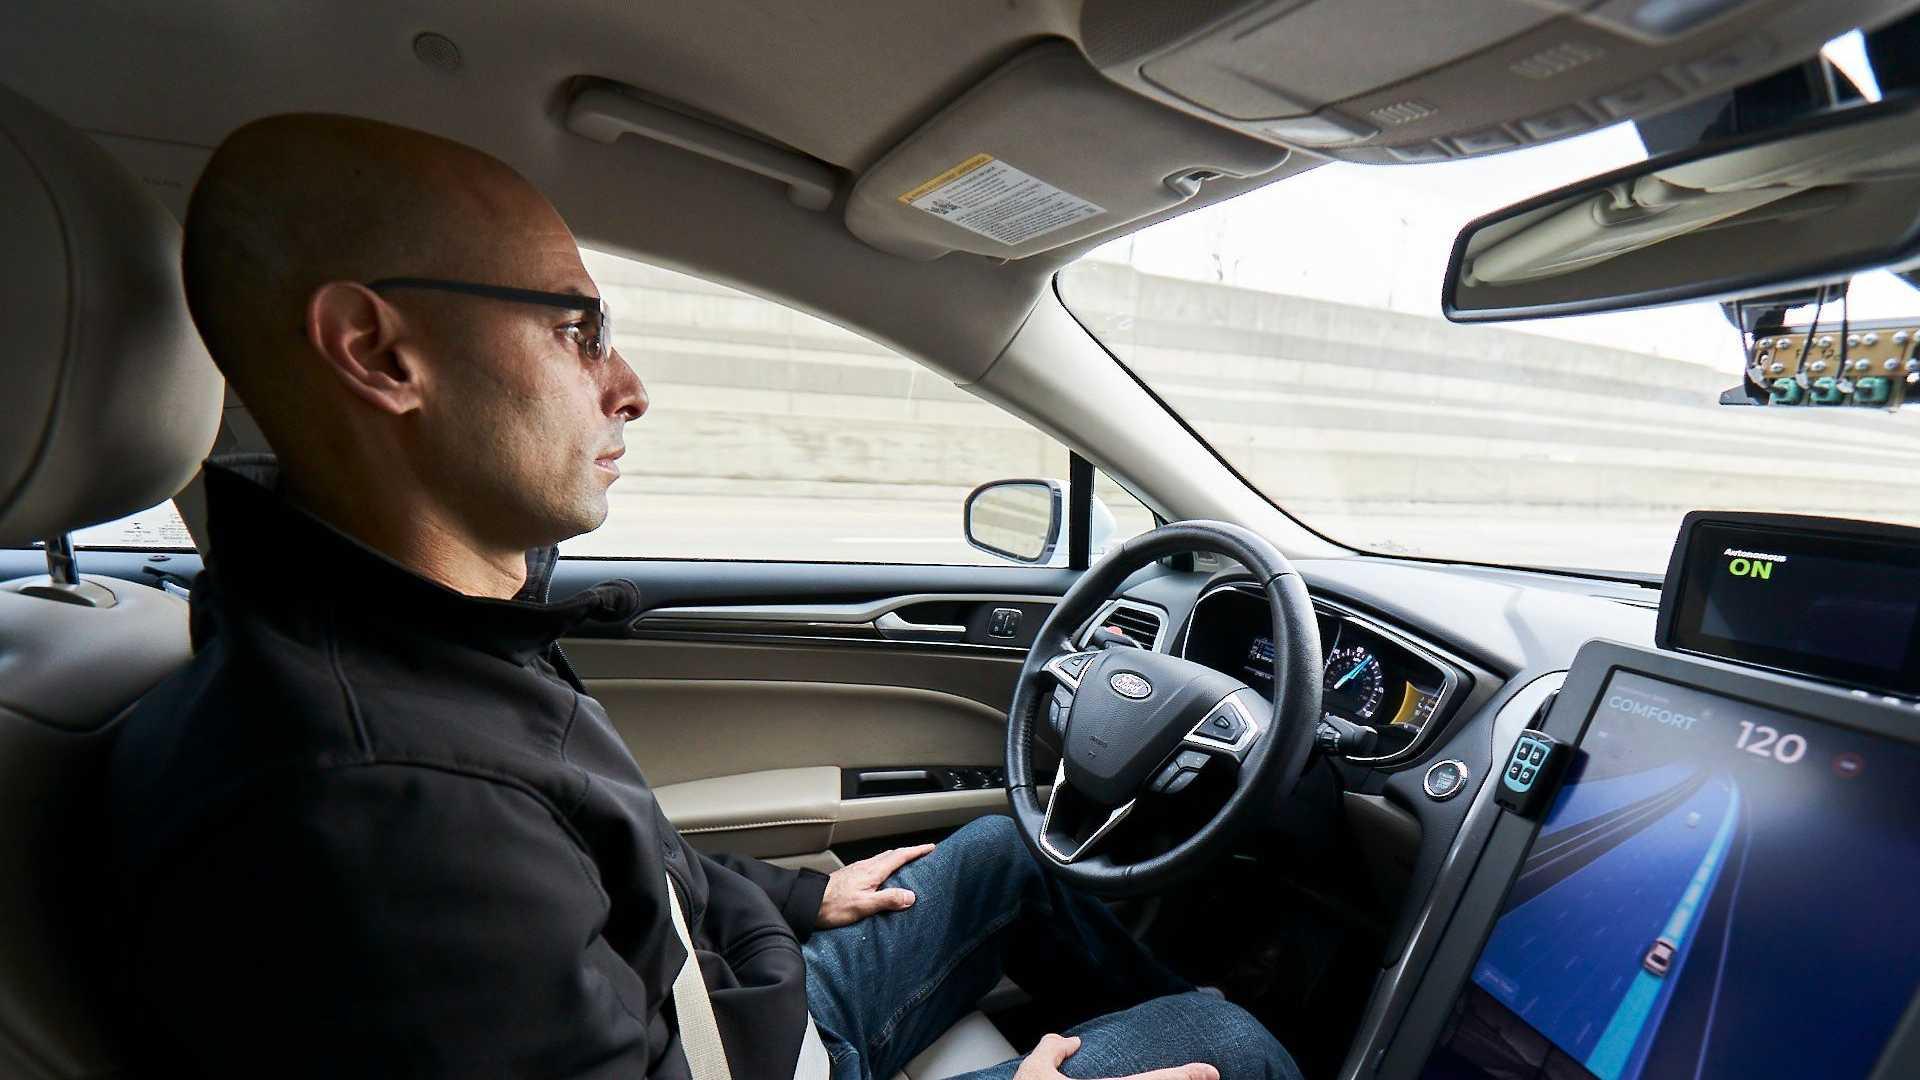 https://cdn.motor1.com/images/mgl/rvBJO/s6/mobileye-il-futuro-della-guida-autonoma.jpg